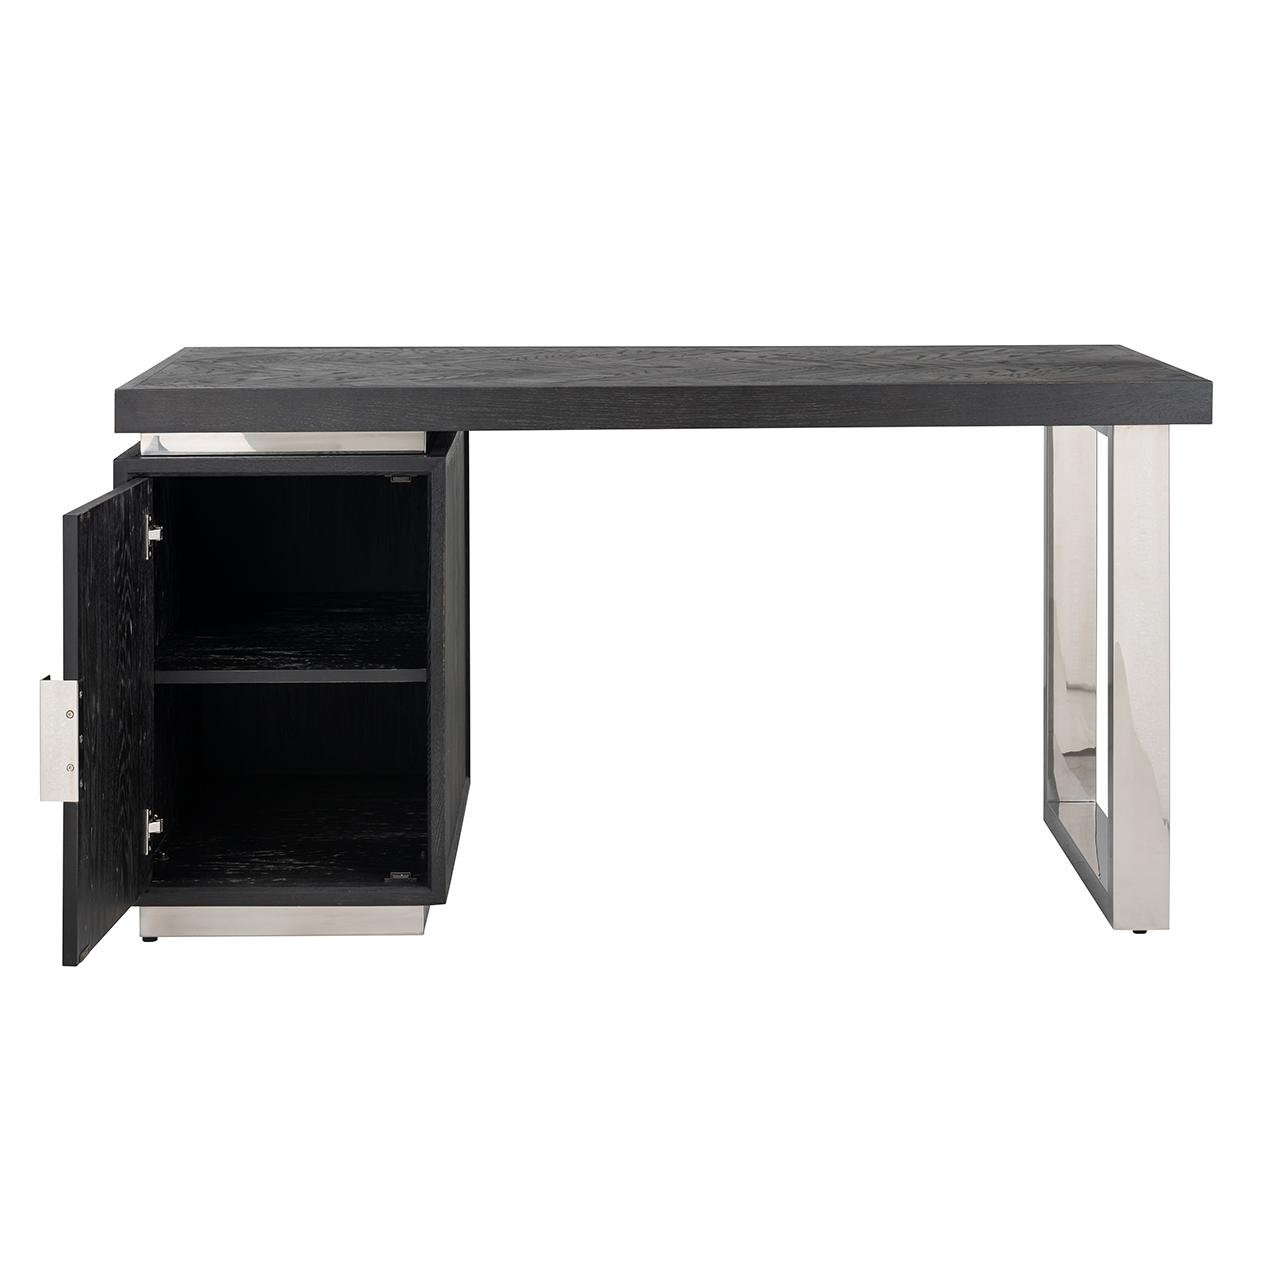 Bureau Blackbone silver 1-deur (Black)